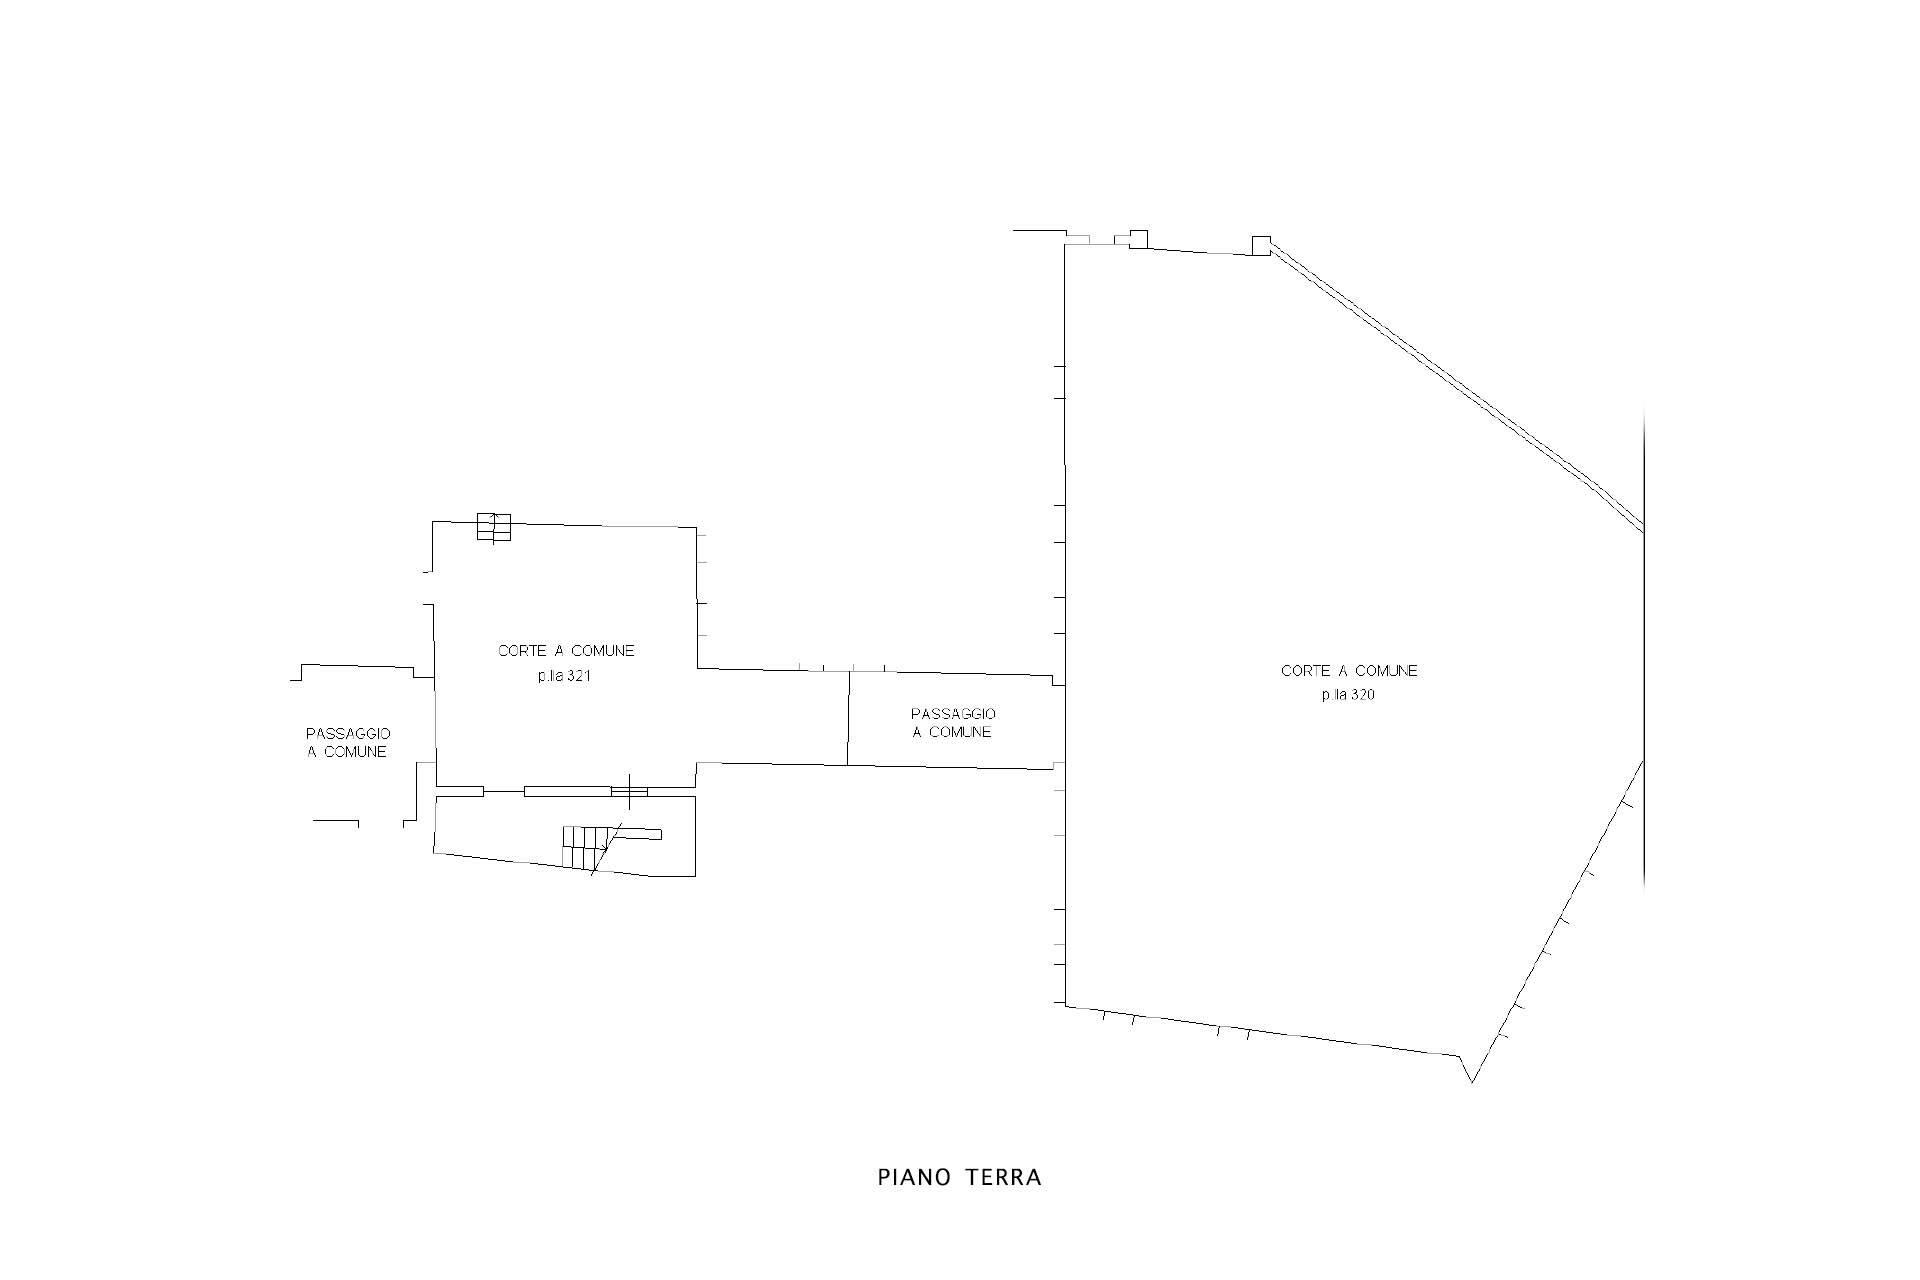 planimetria spazi comuni e area parcheggio